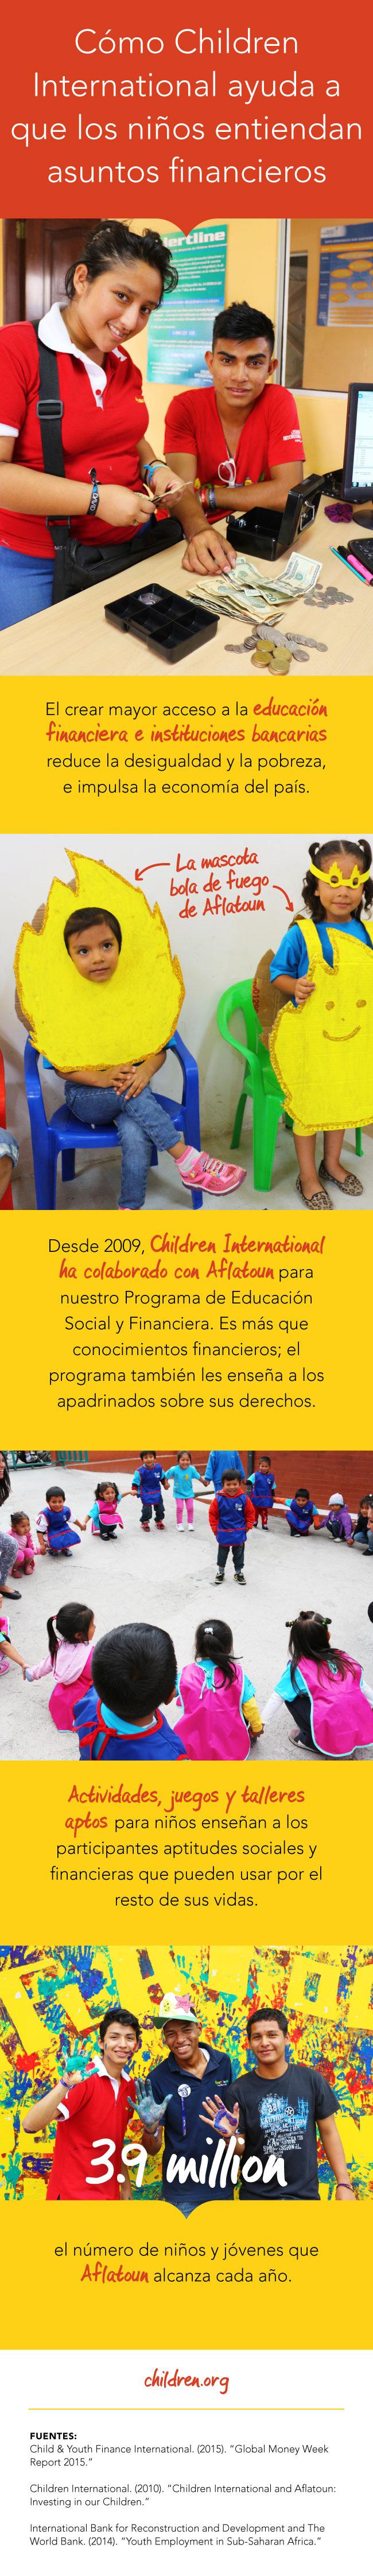 Esta infografía explica las maneras en que el Programa de Educación Social y Financiera de Children International da a los niños y jóvenes conocimientos financieros.